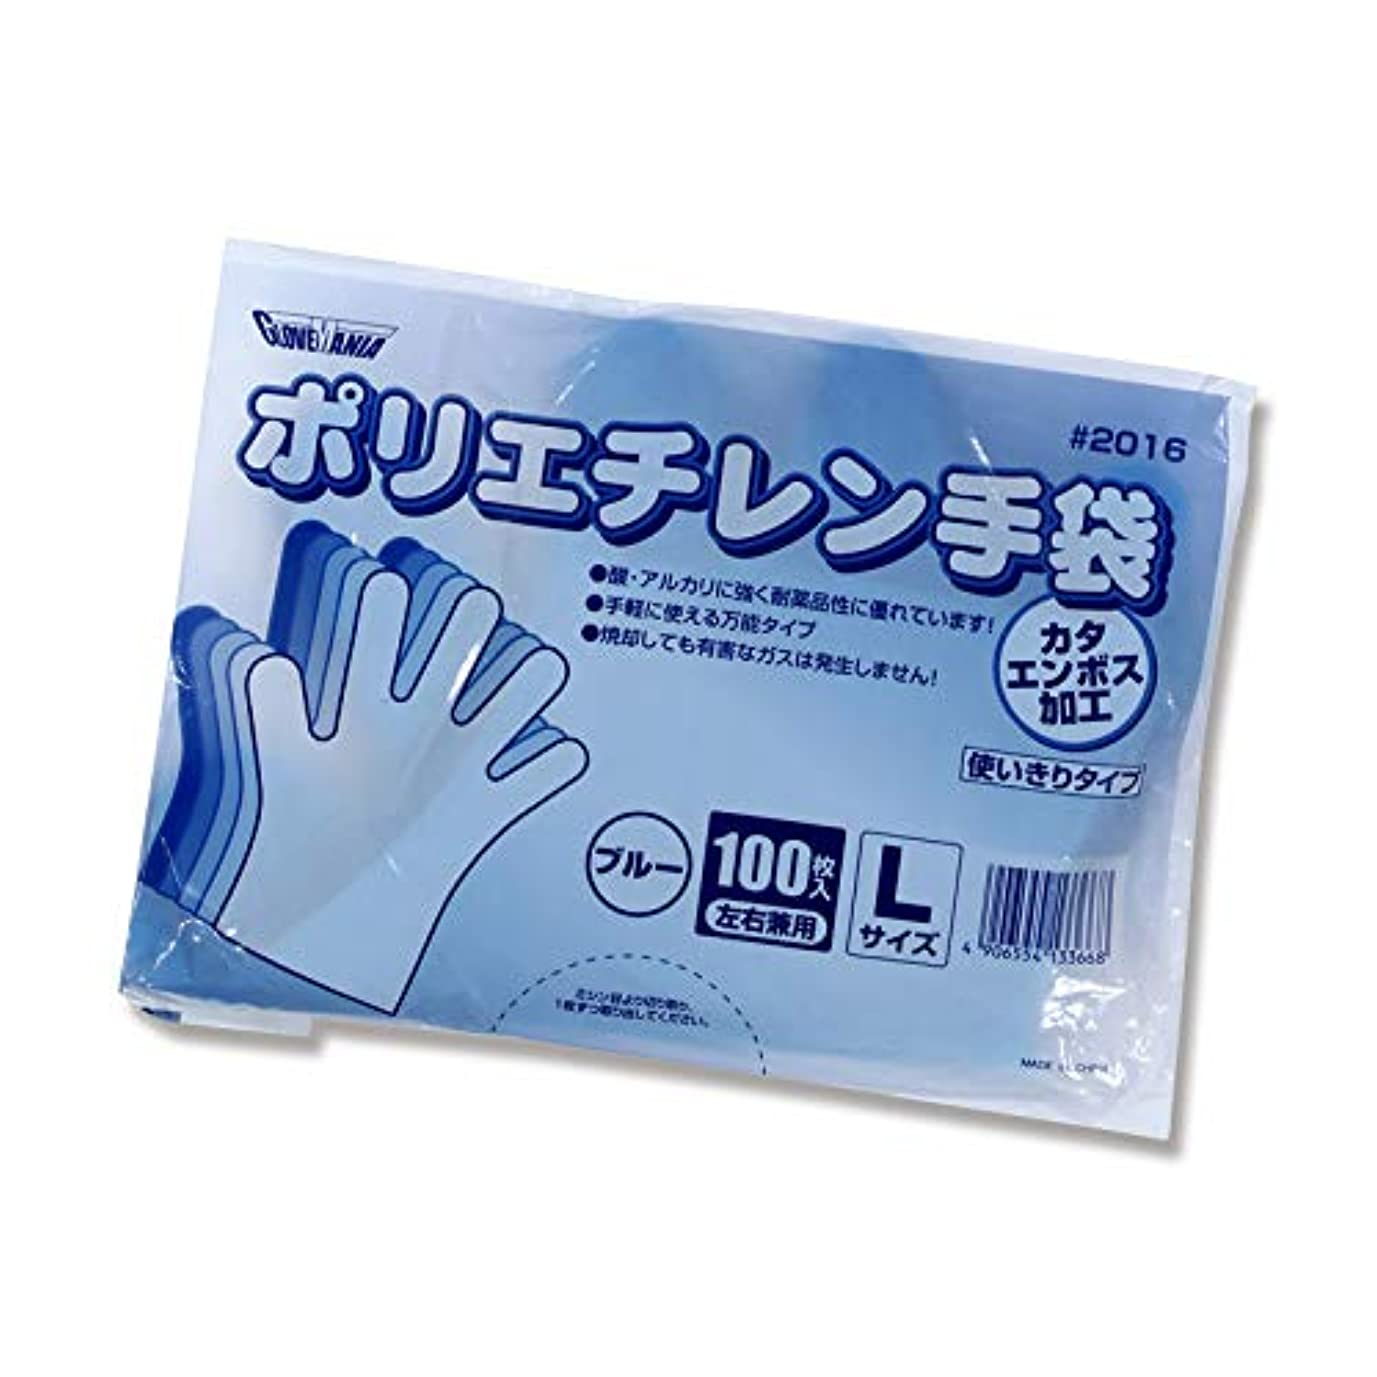 上級フレキシブルアトミック【ポリ手袋】2016 ポリエチカタエンボスブルー Lサイズ 100枚